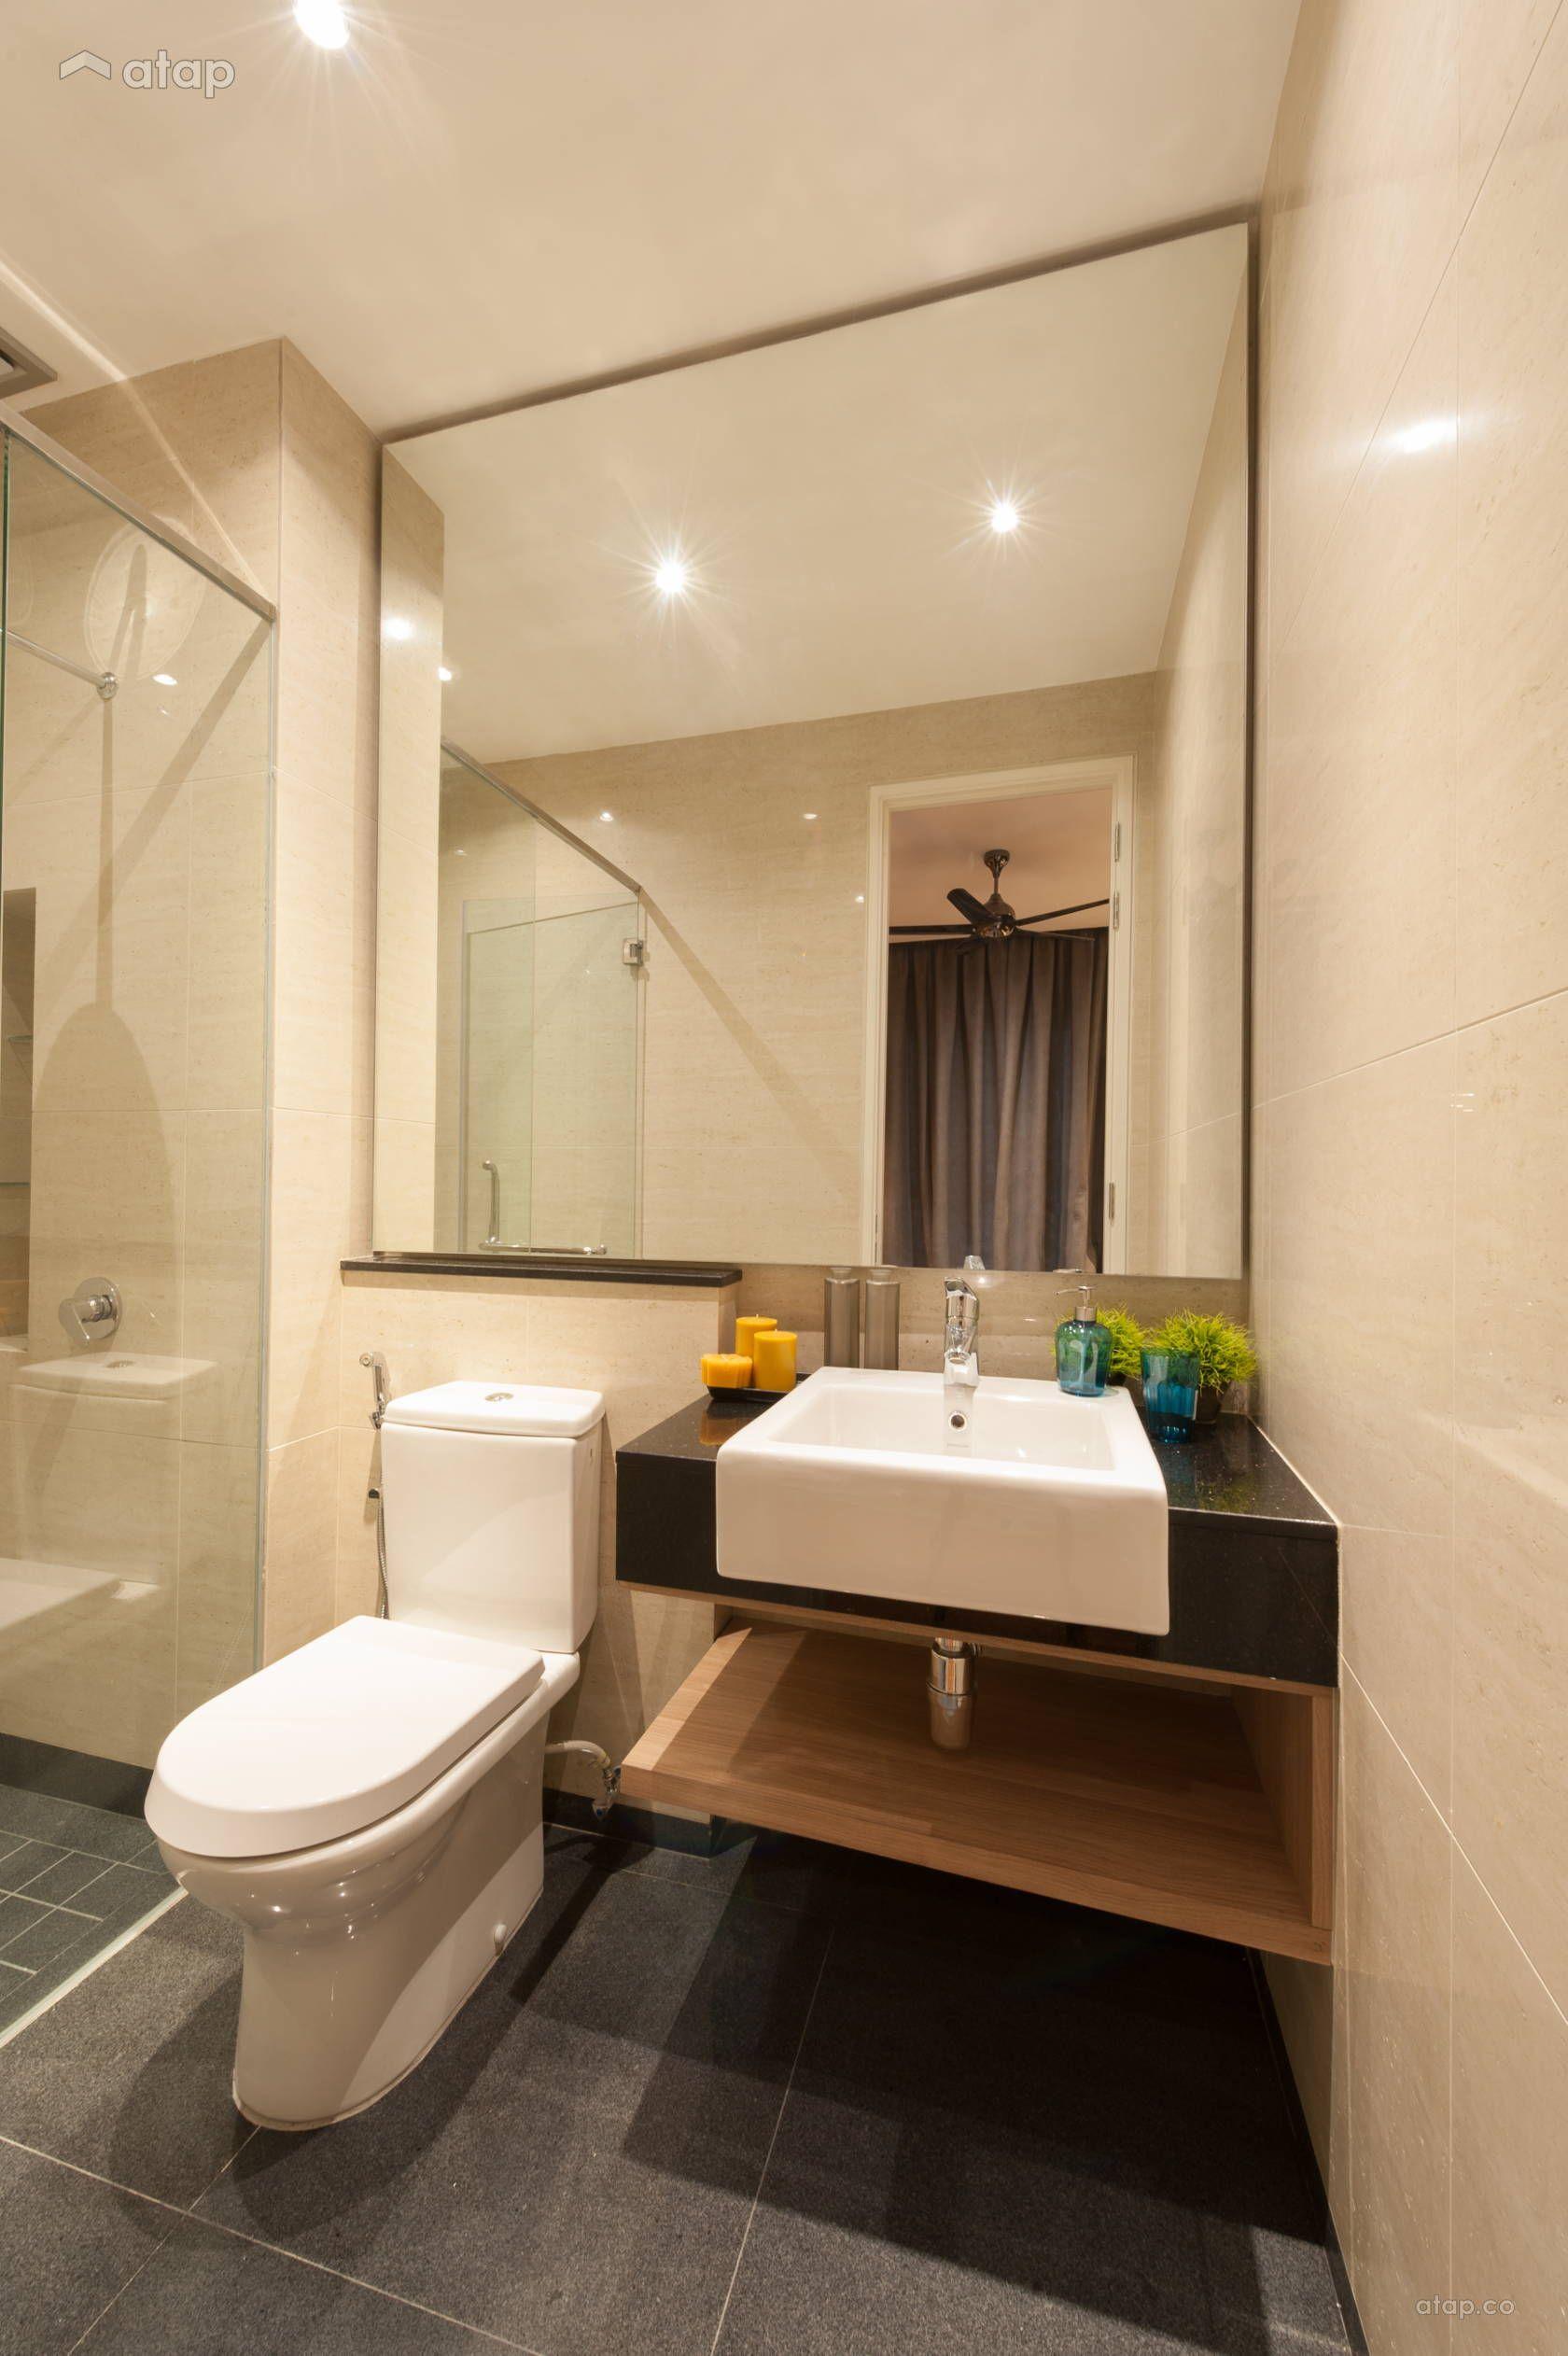 Contemporary Modern Bathroom Condominium Design Ideas Photos Malaysia Atap Co Modern Bathroom Modern Bathroom Tile Bathroom Design Small